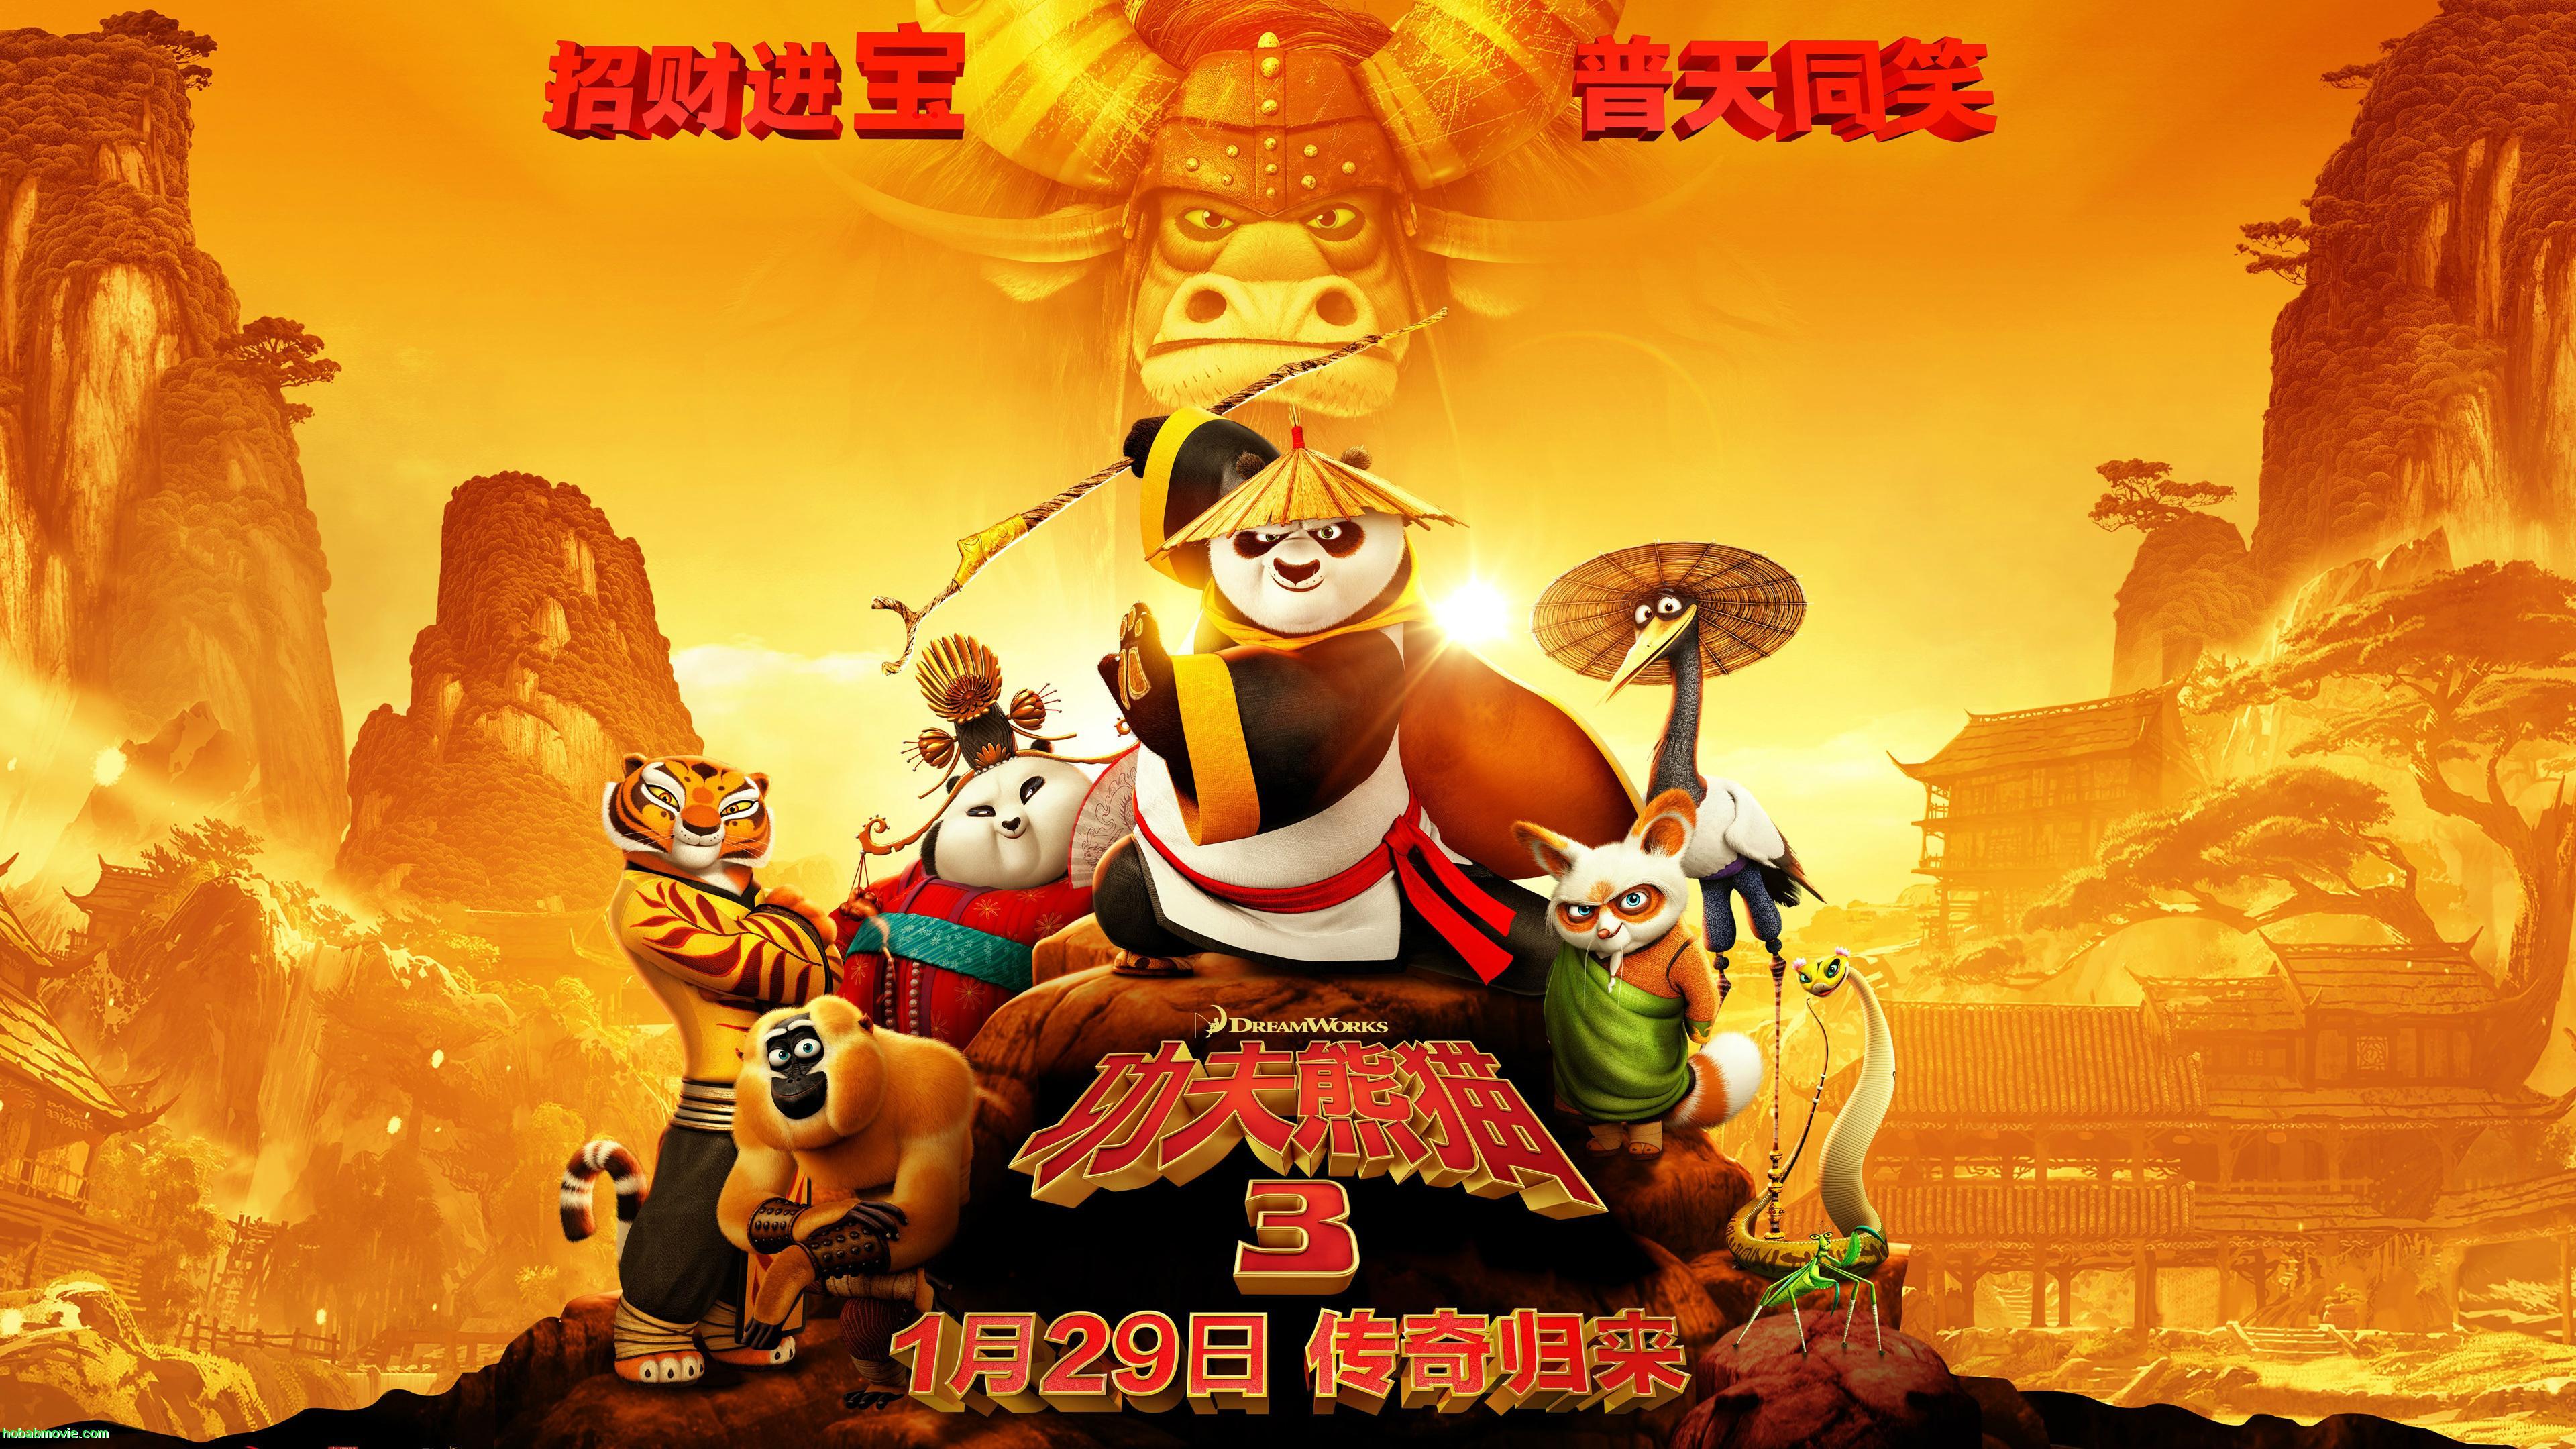 دانلود انیمیشن پاندا کنگ فو کار3